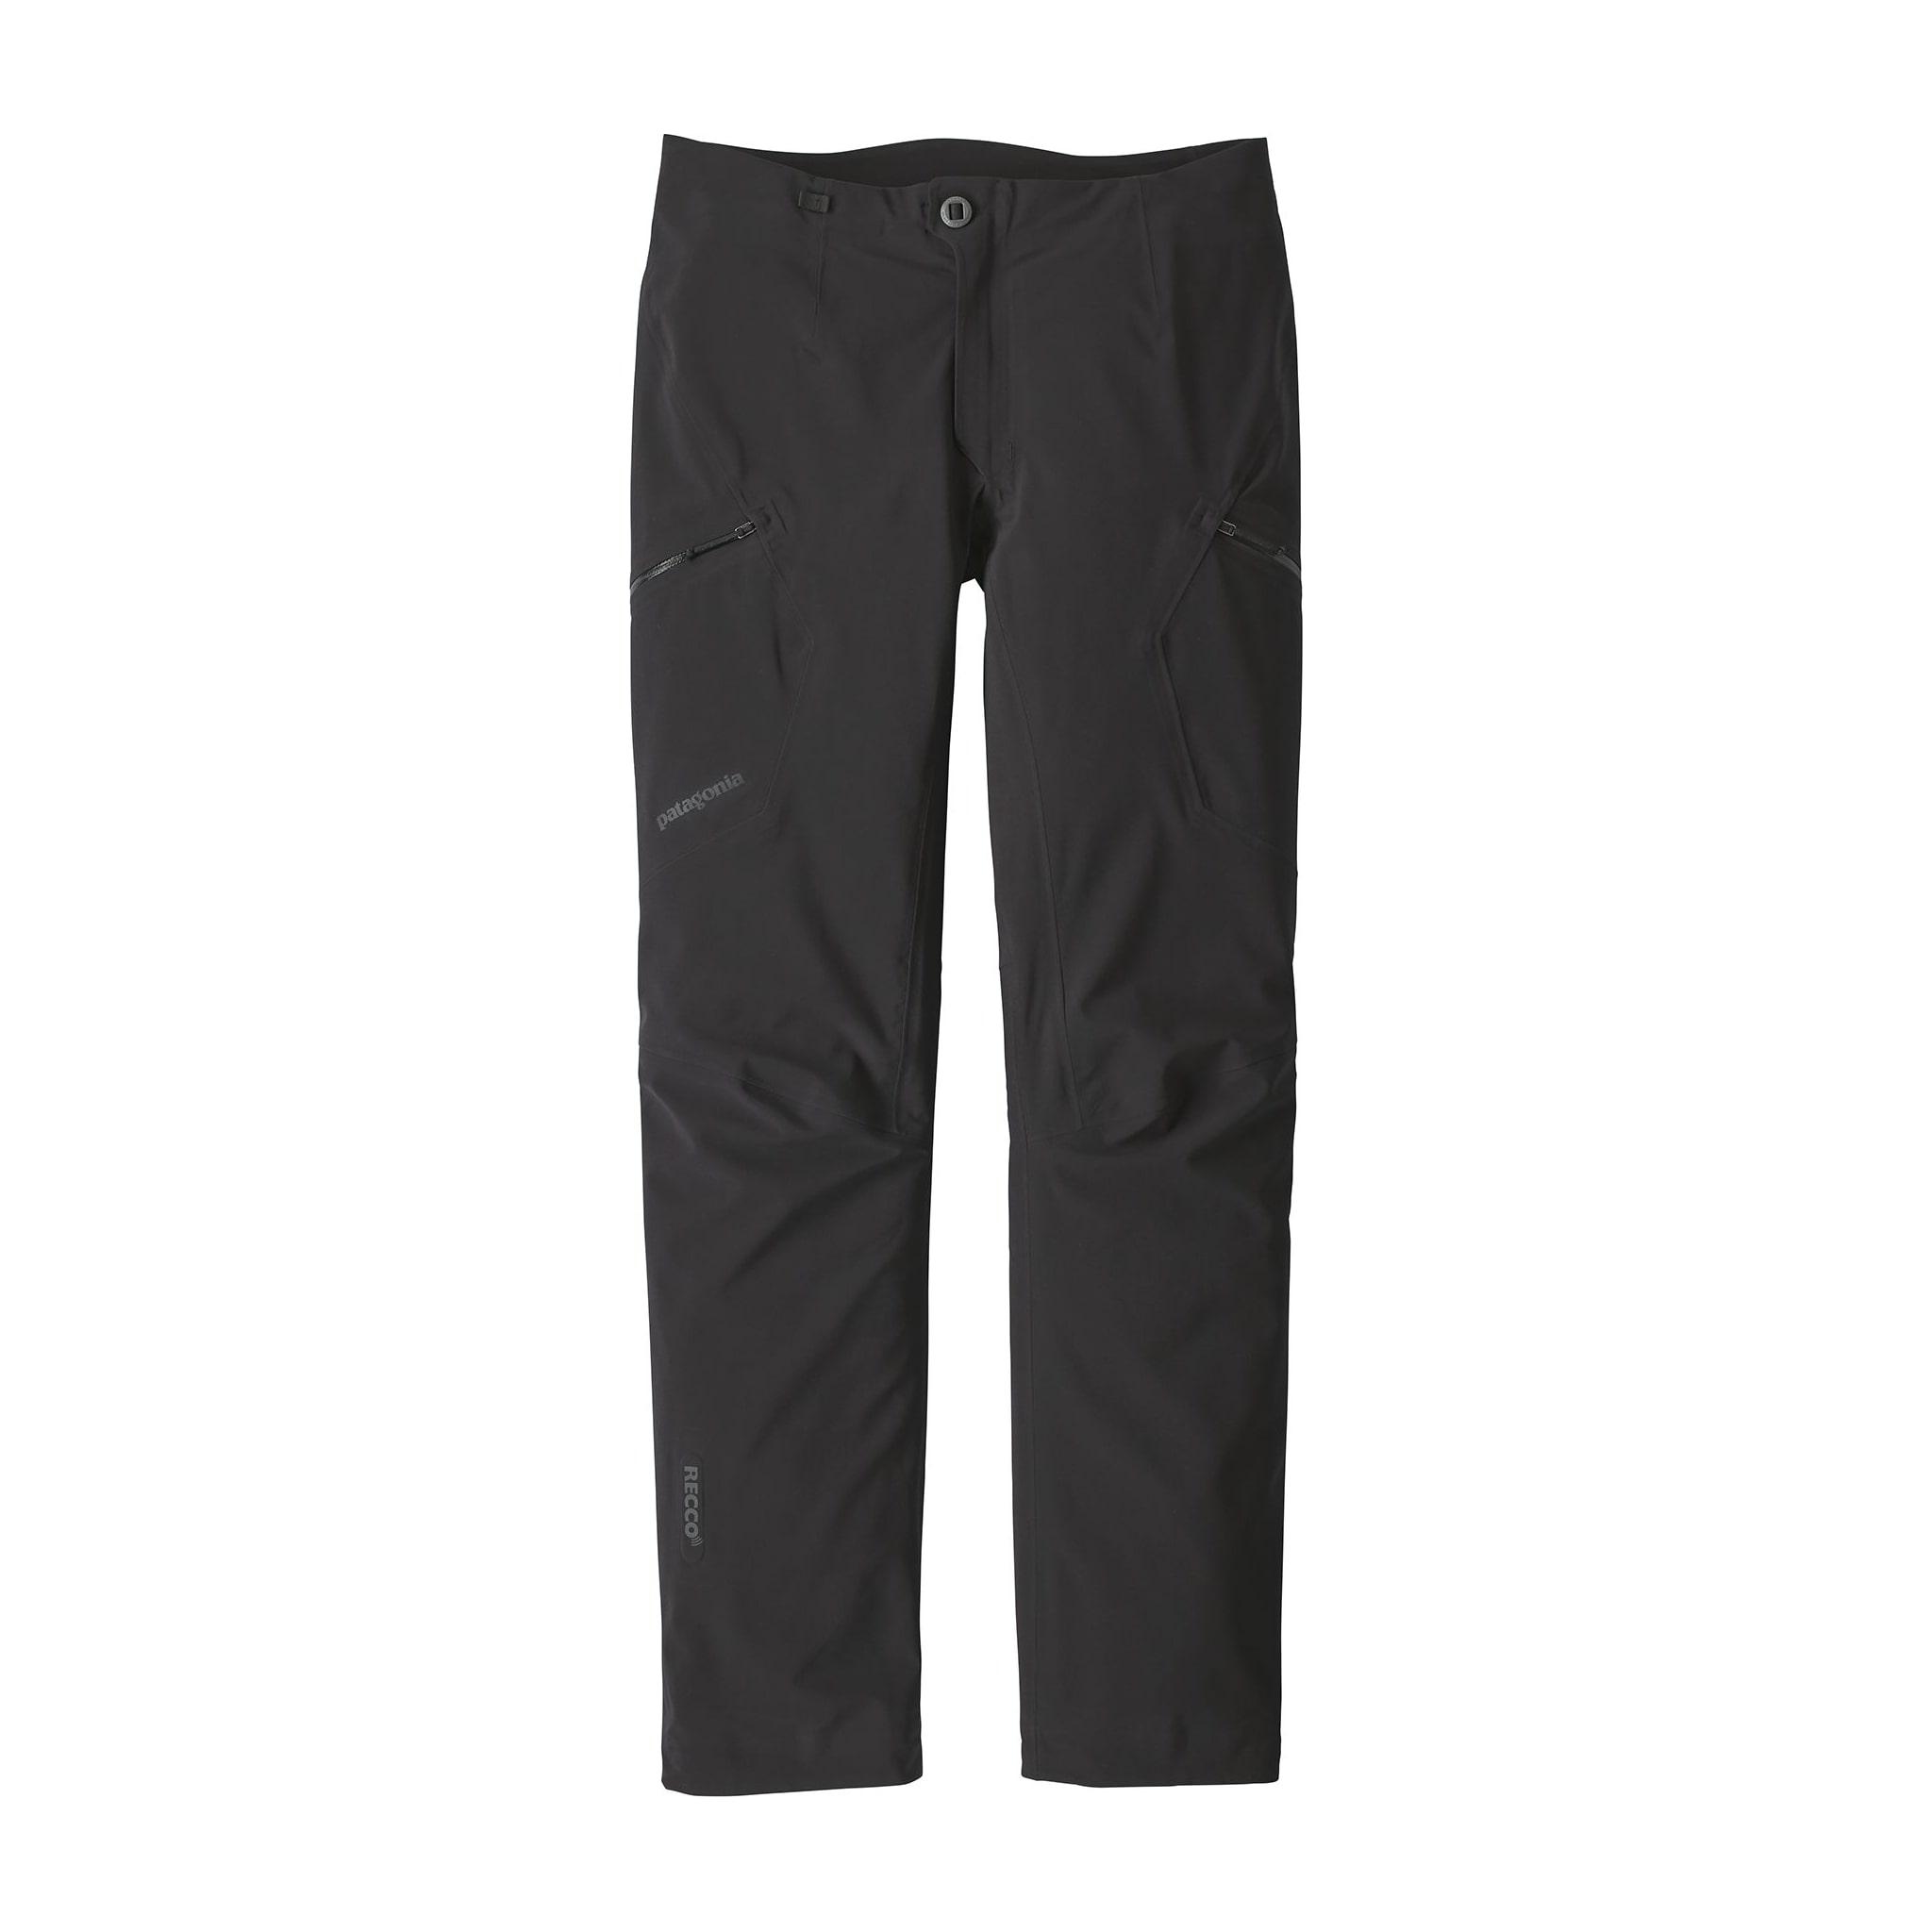 Alpin bukse med stretch og full værbeskyttelse!